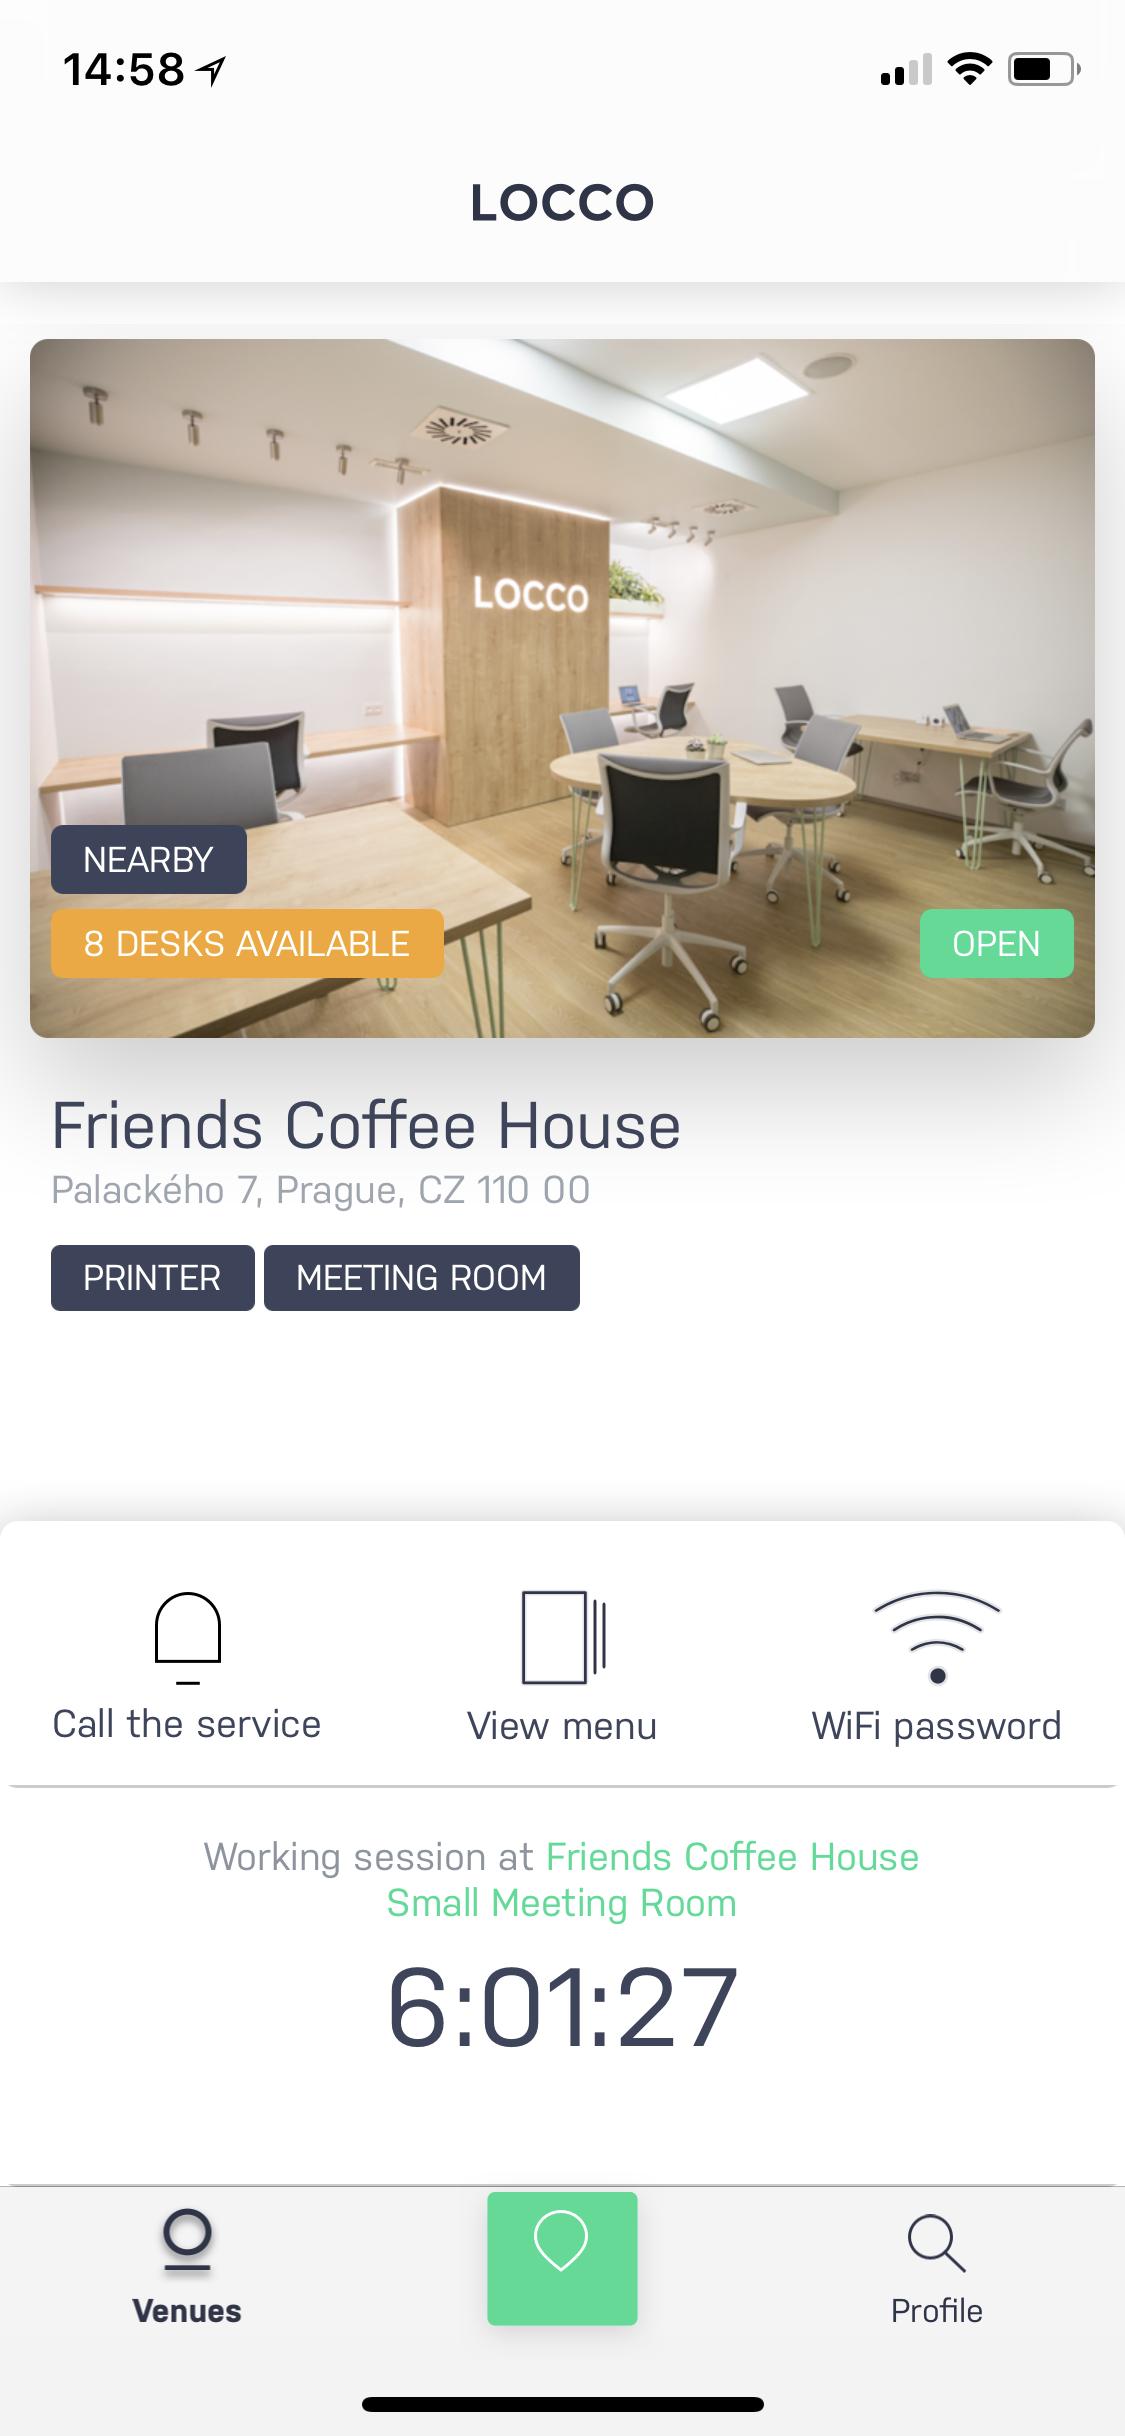 Locco má zatím pouze jednu pobočku v kavárně Friends Coffee House